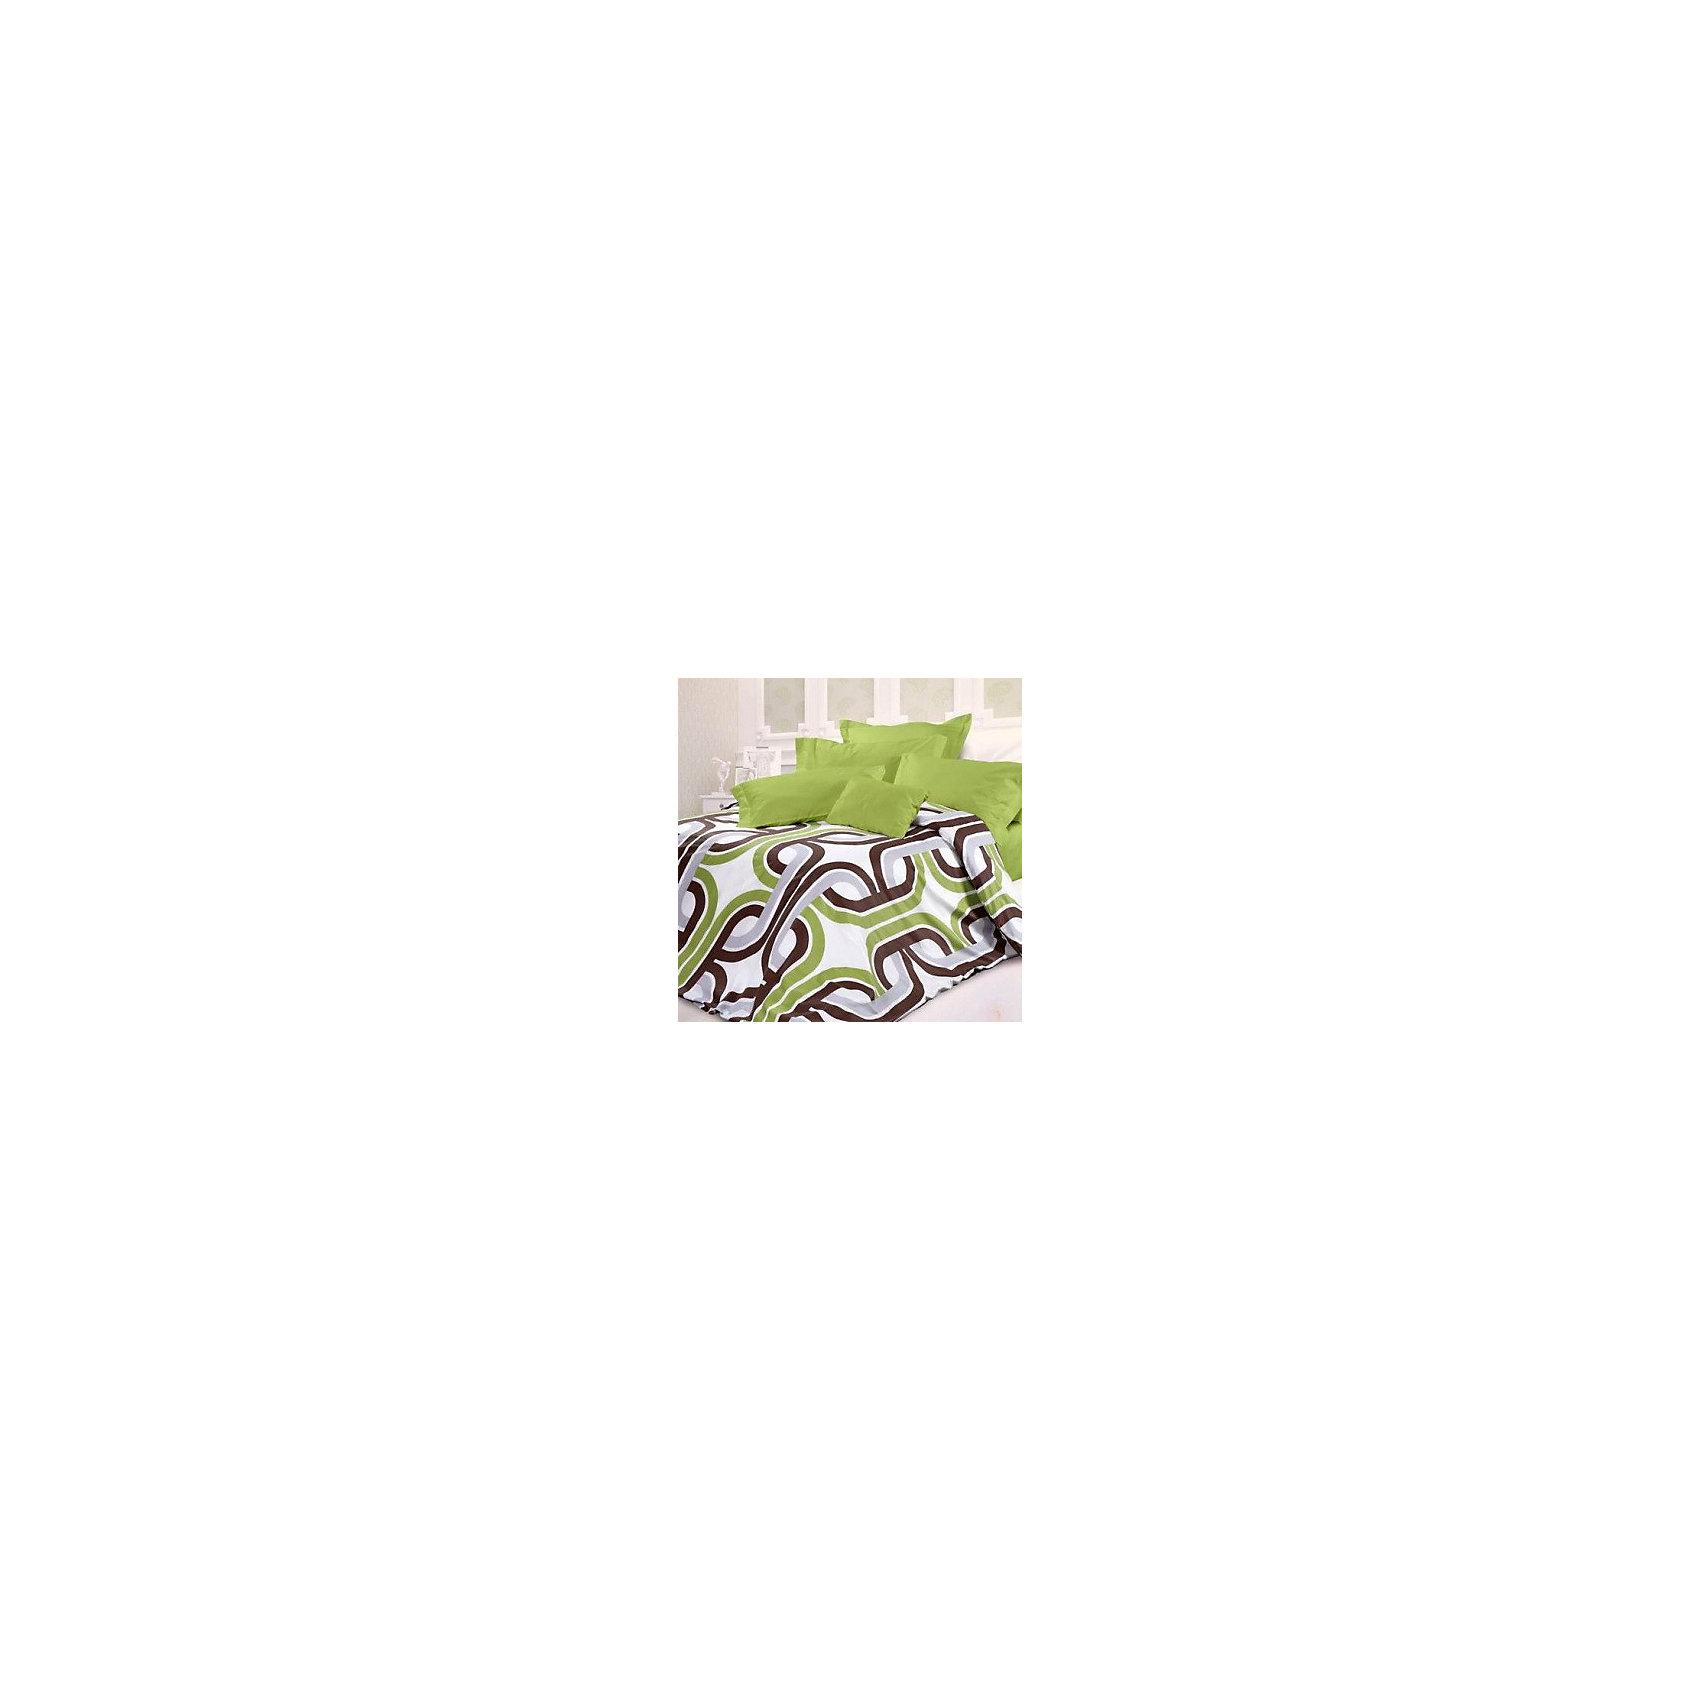 Унисон Постельное белье 1,5 Антуан сатин, Унисон